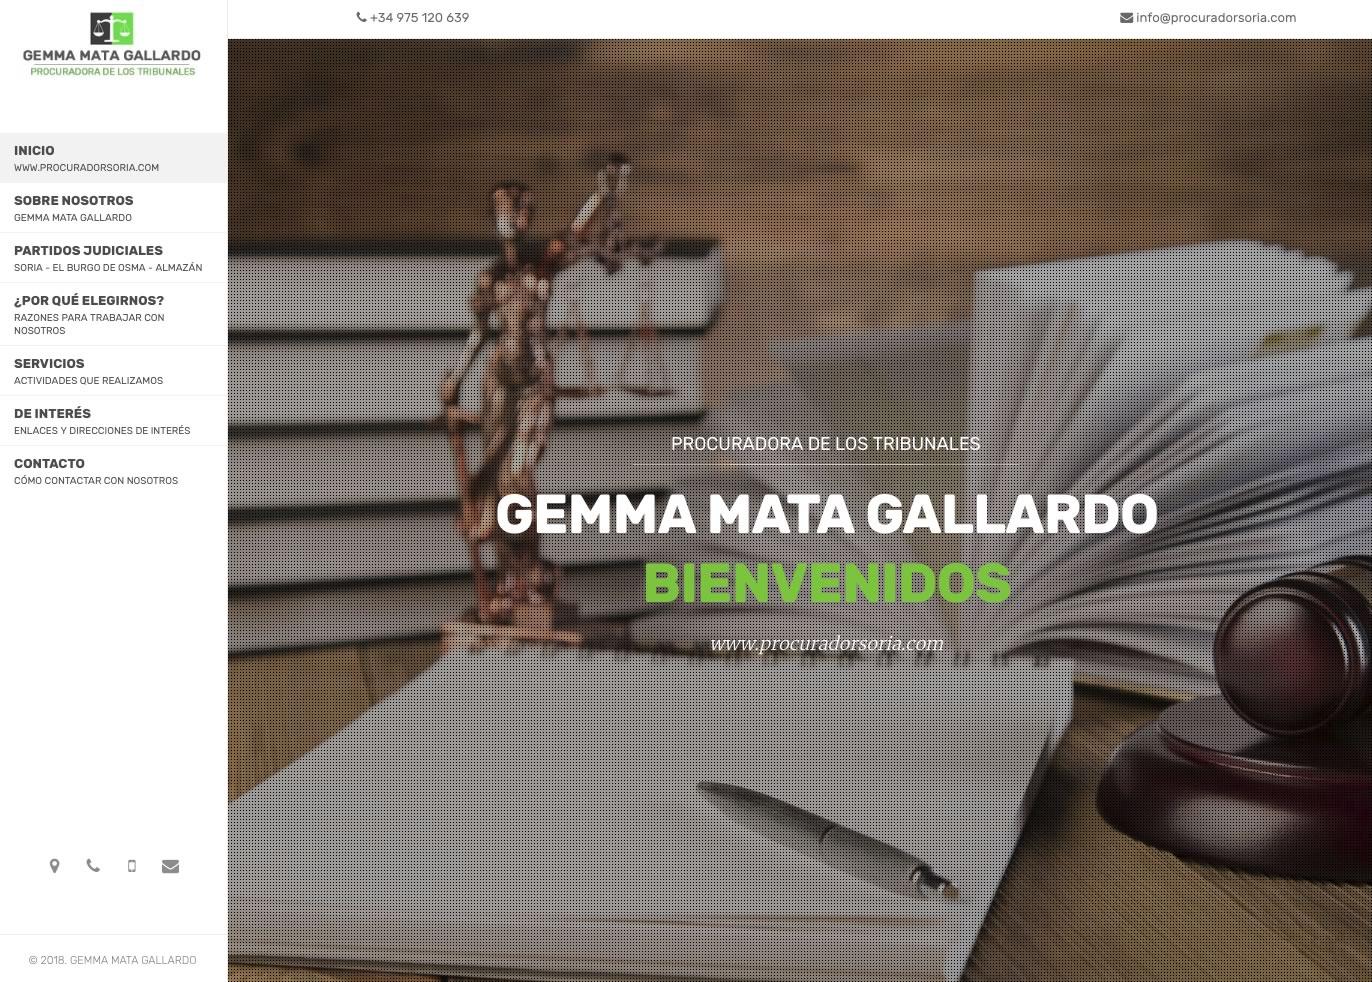 GEMMA MATA GALLARDO (procuradorsoria.com)